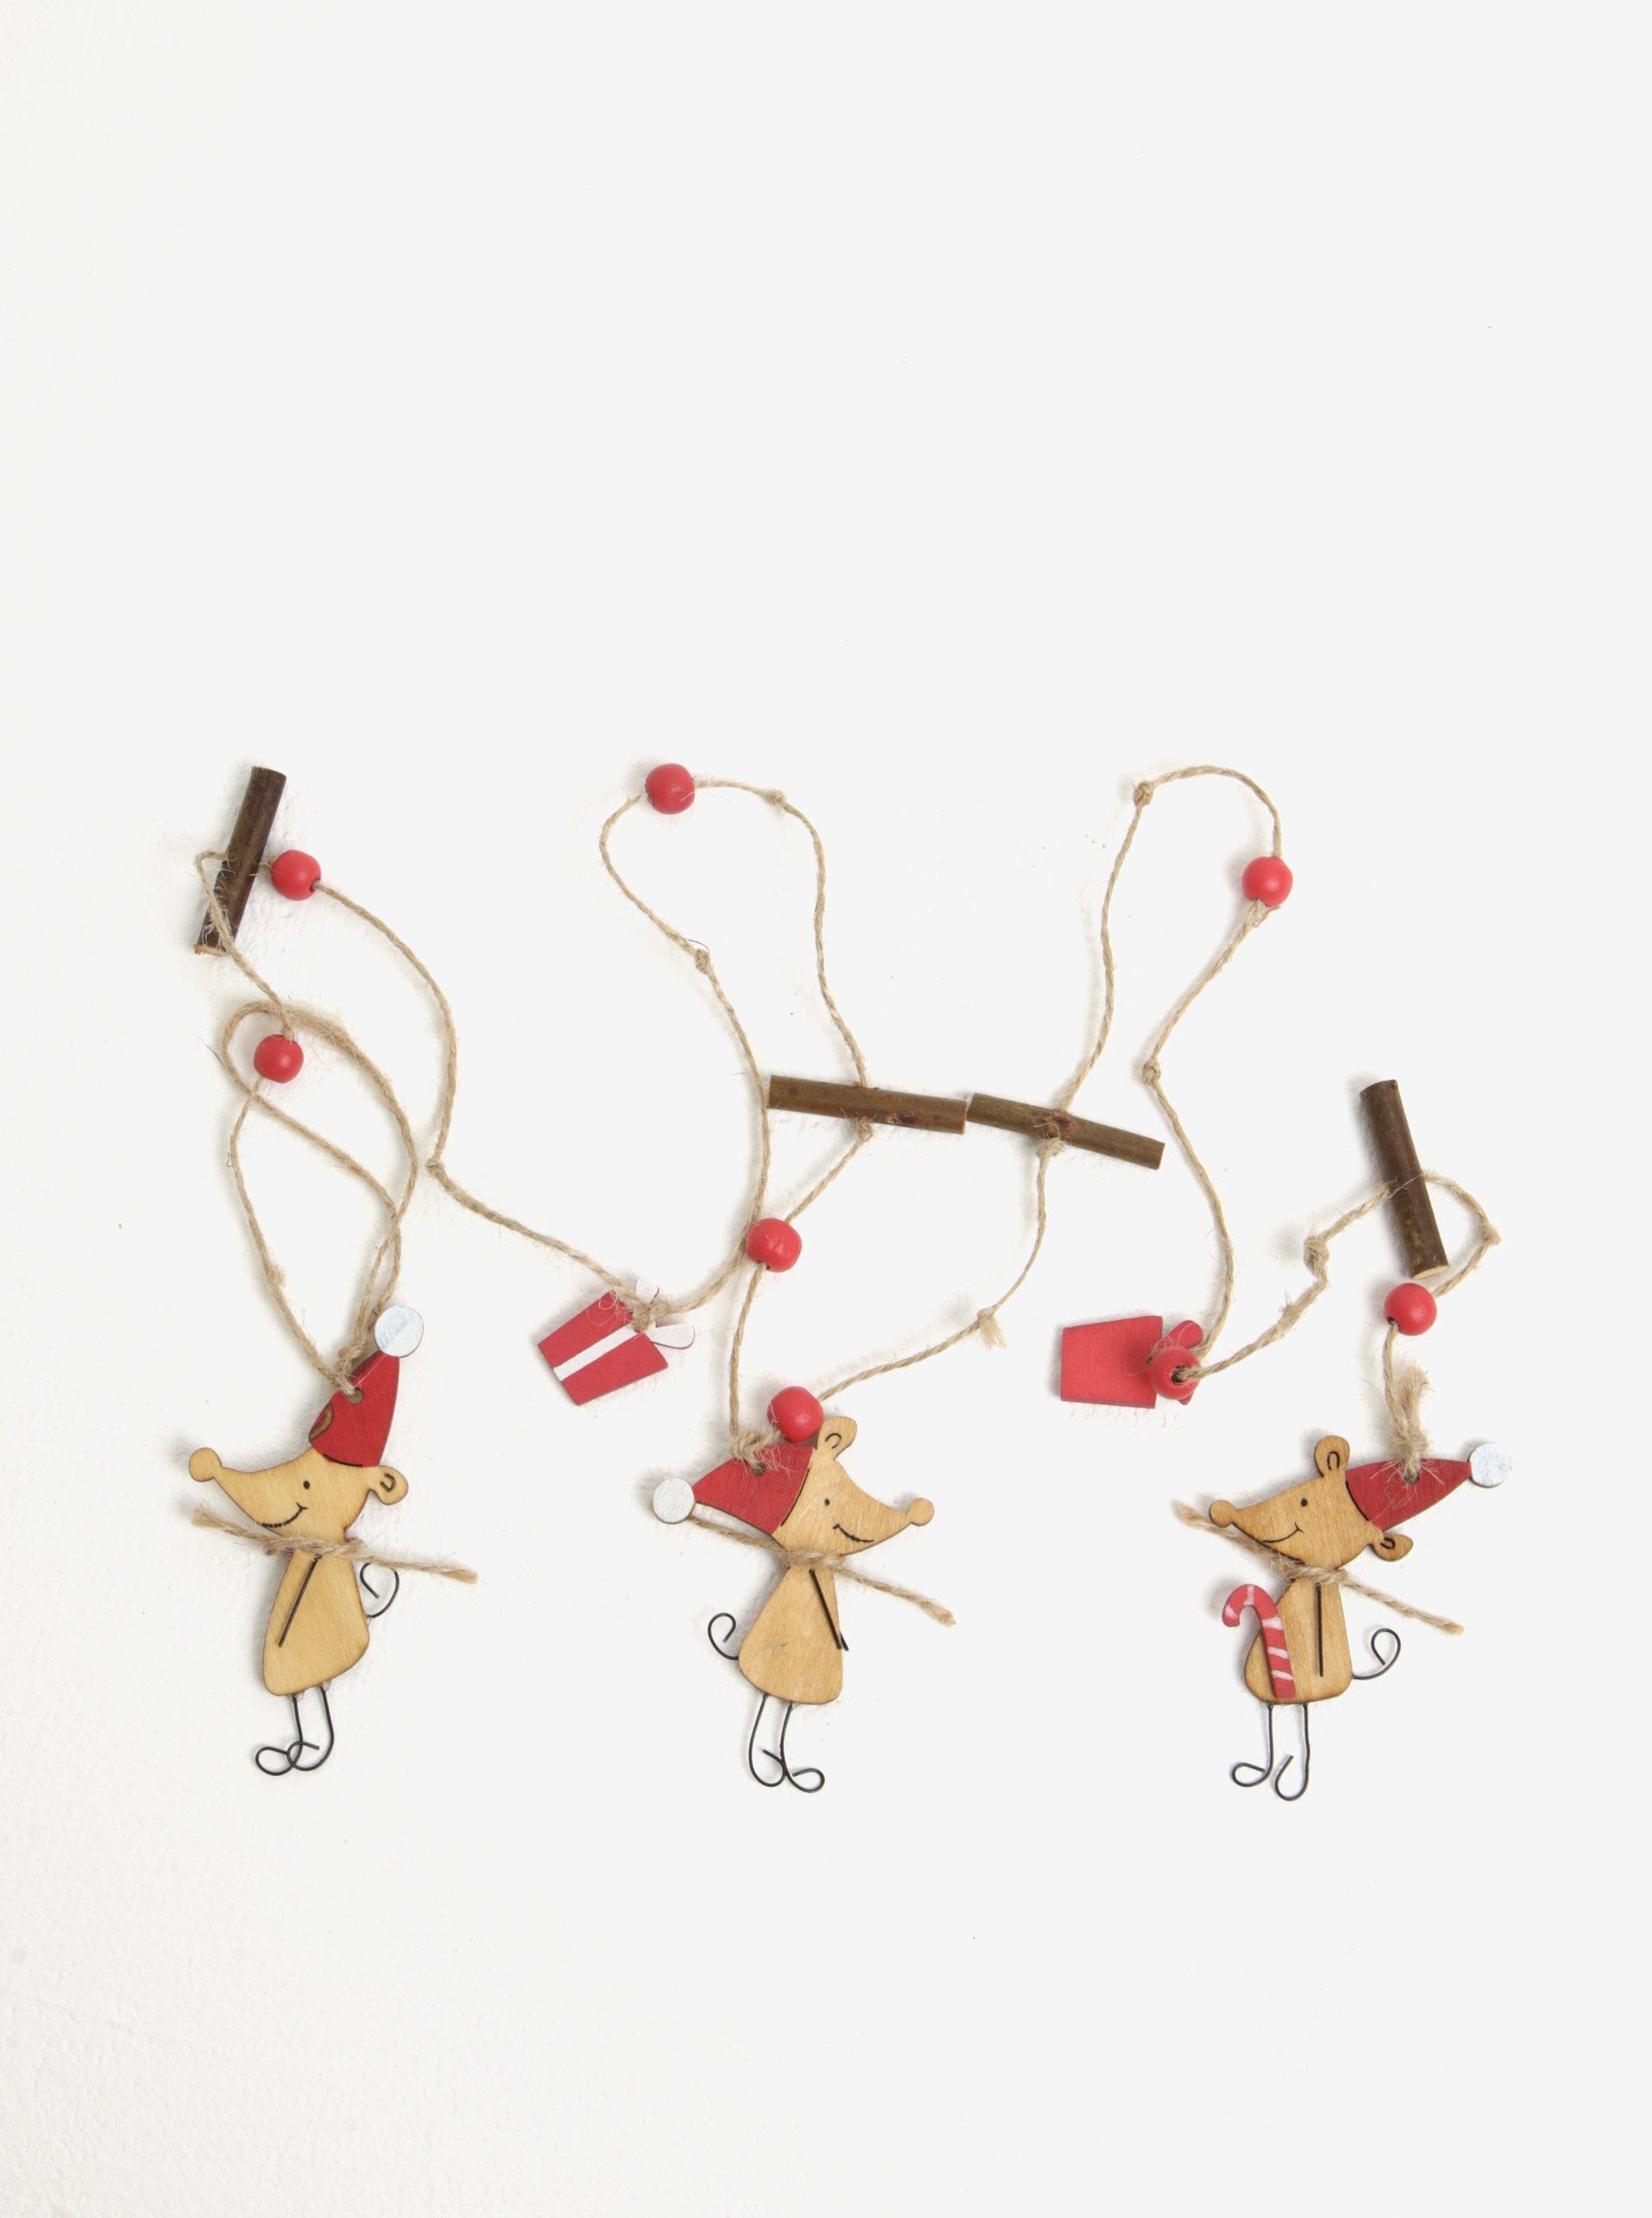 Závěsná dekorace ve tvaru myší Sass & Belle